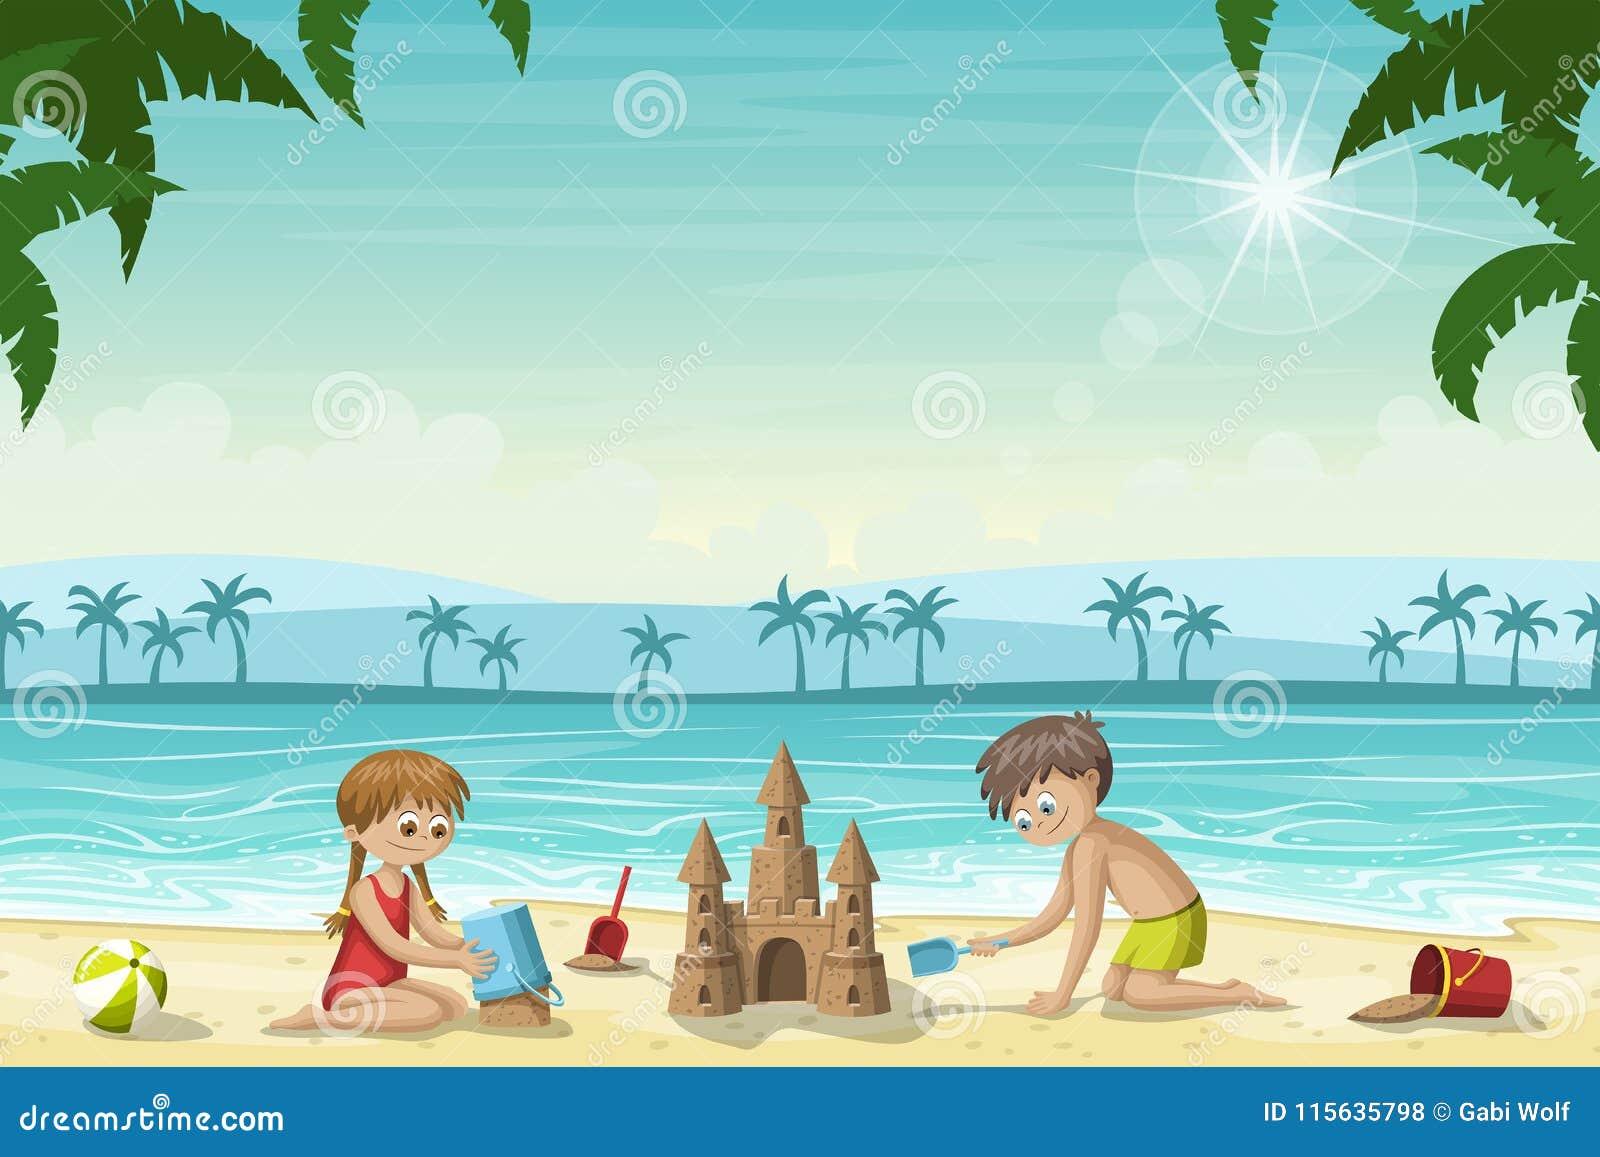 Duas crianças constroem um castelo de areia